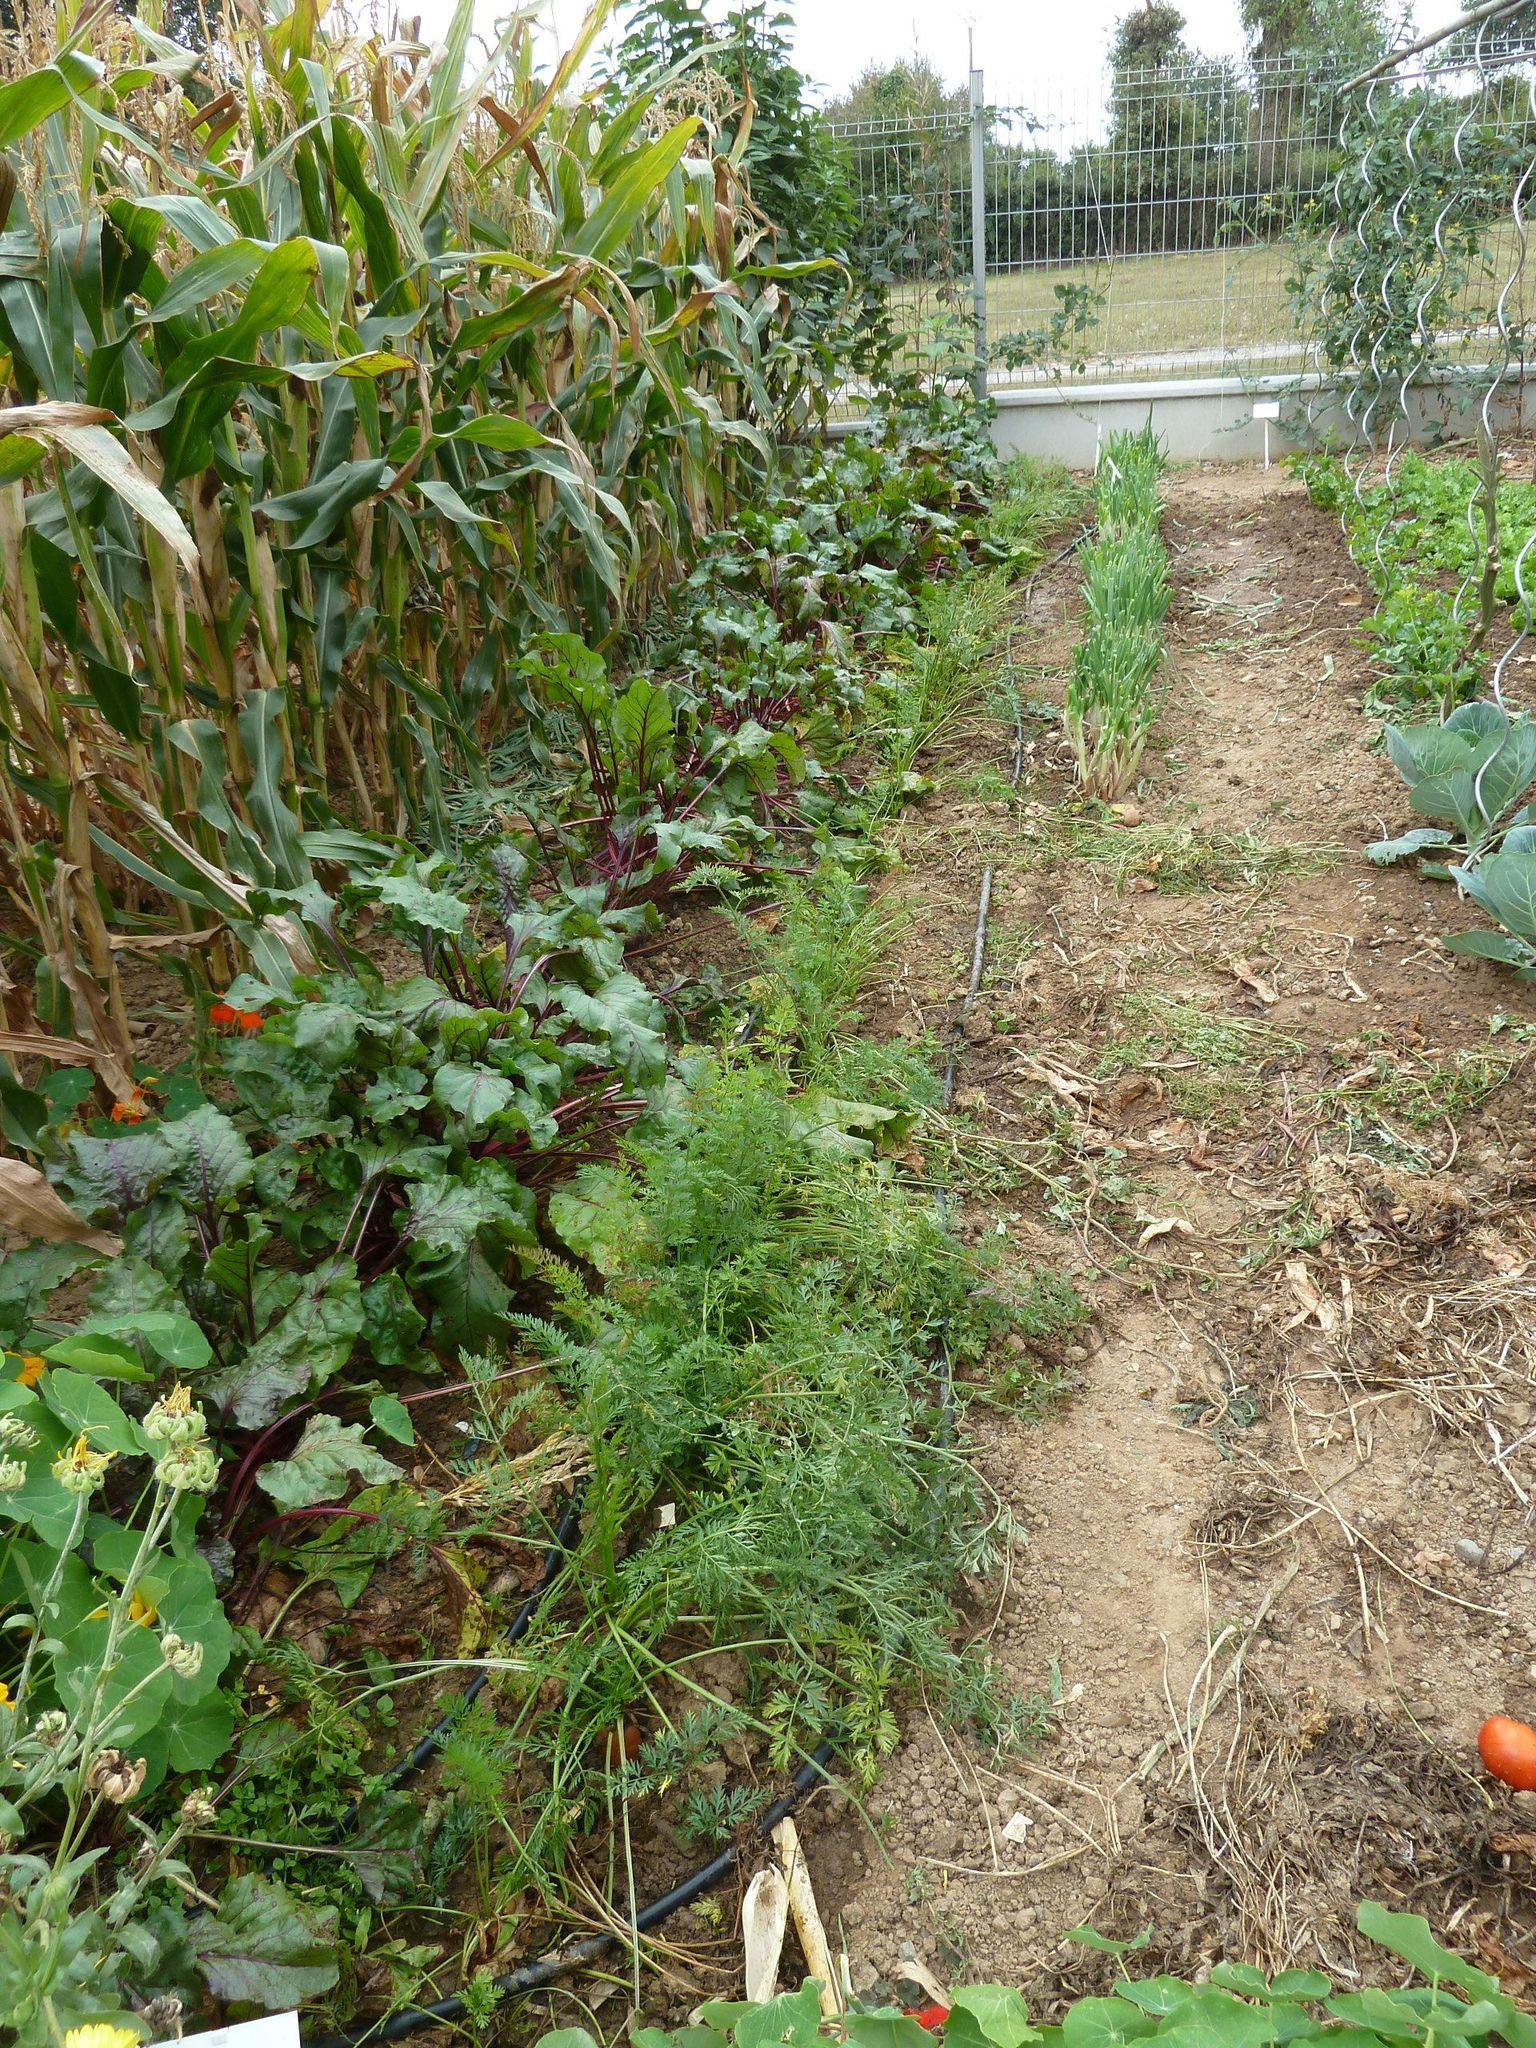 betteraves rouges et carottes ravagées par les mulots - www.passionpotager.canalblog.com